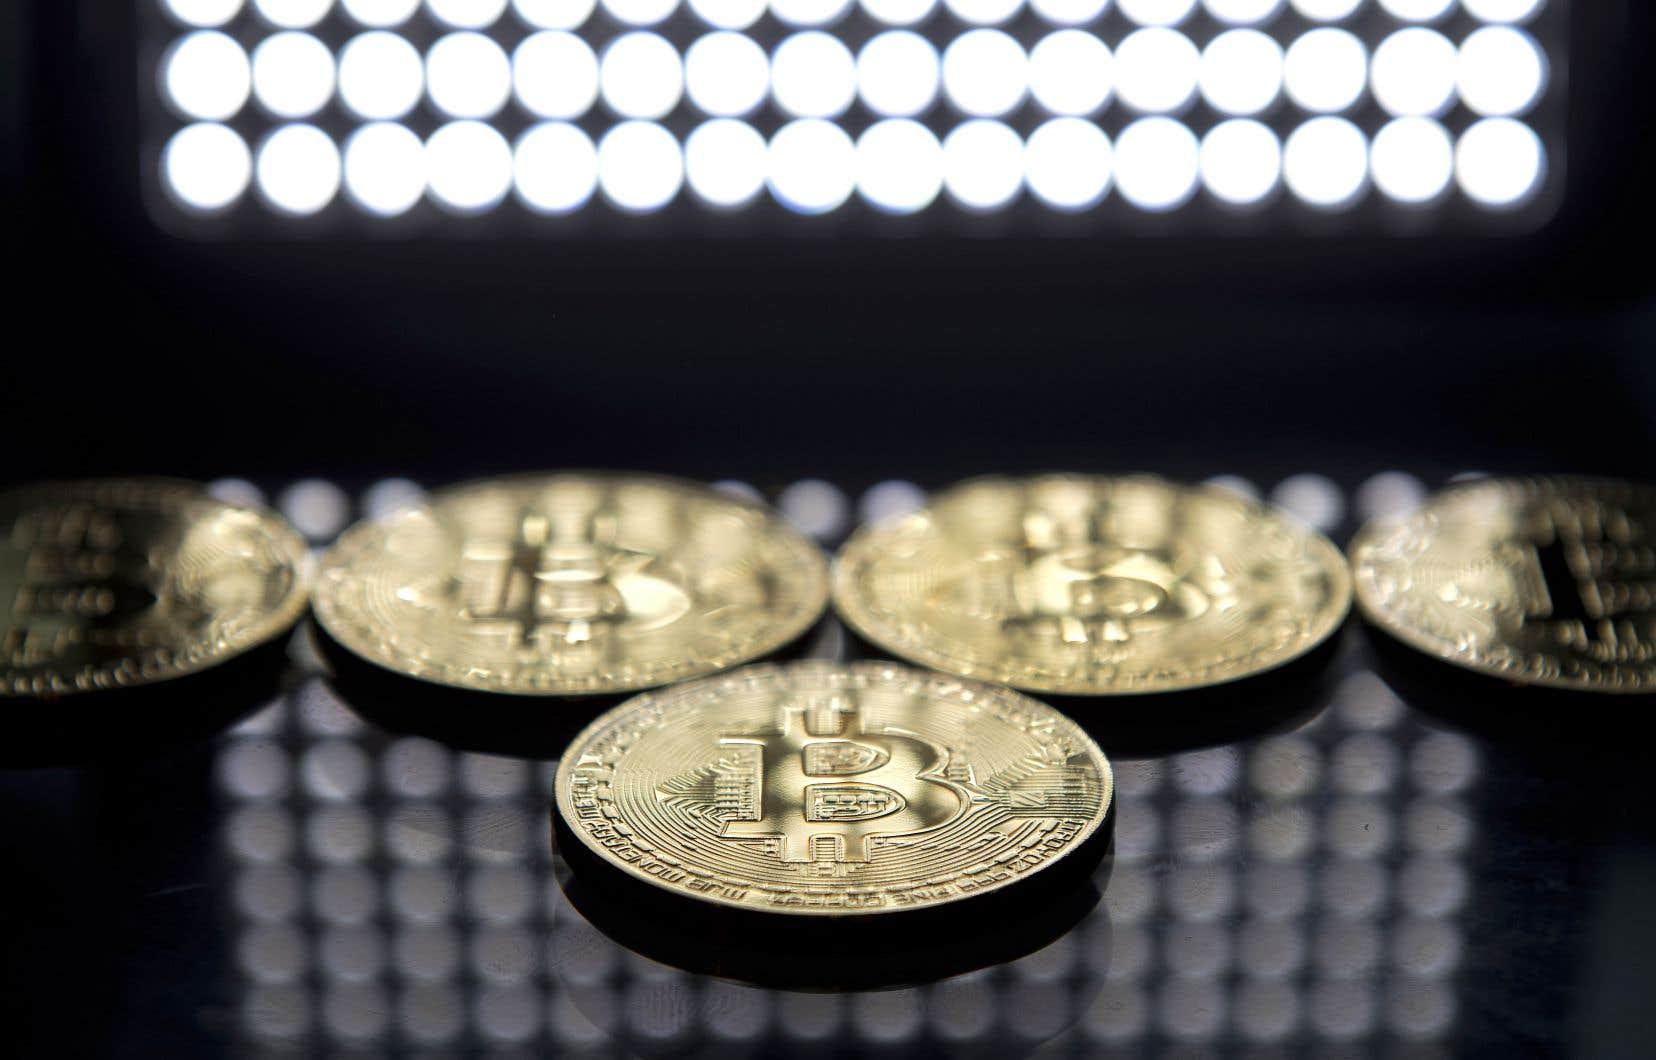 La valeur du bitcoin, la plus célèbre des cryptomonnaies, a explosé cette année.